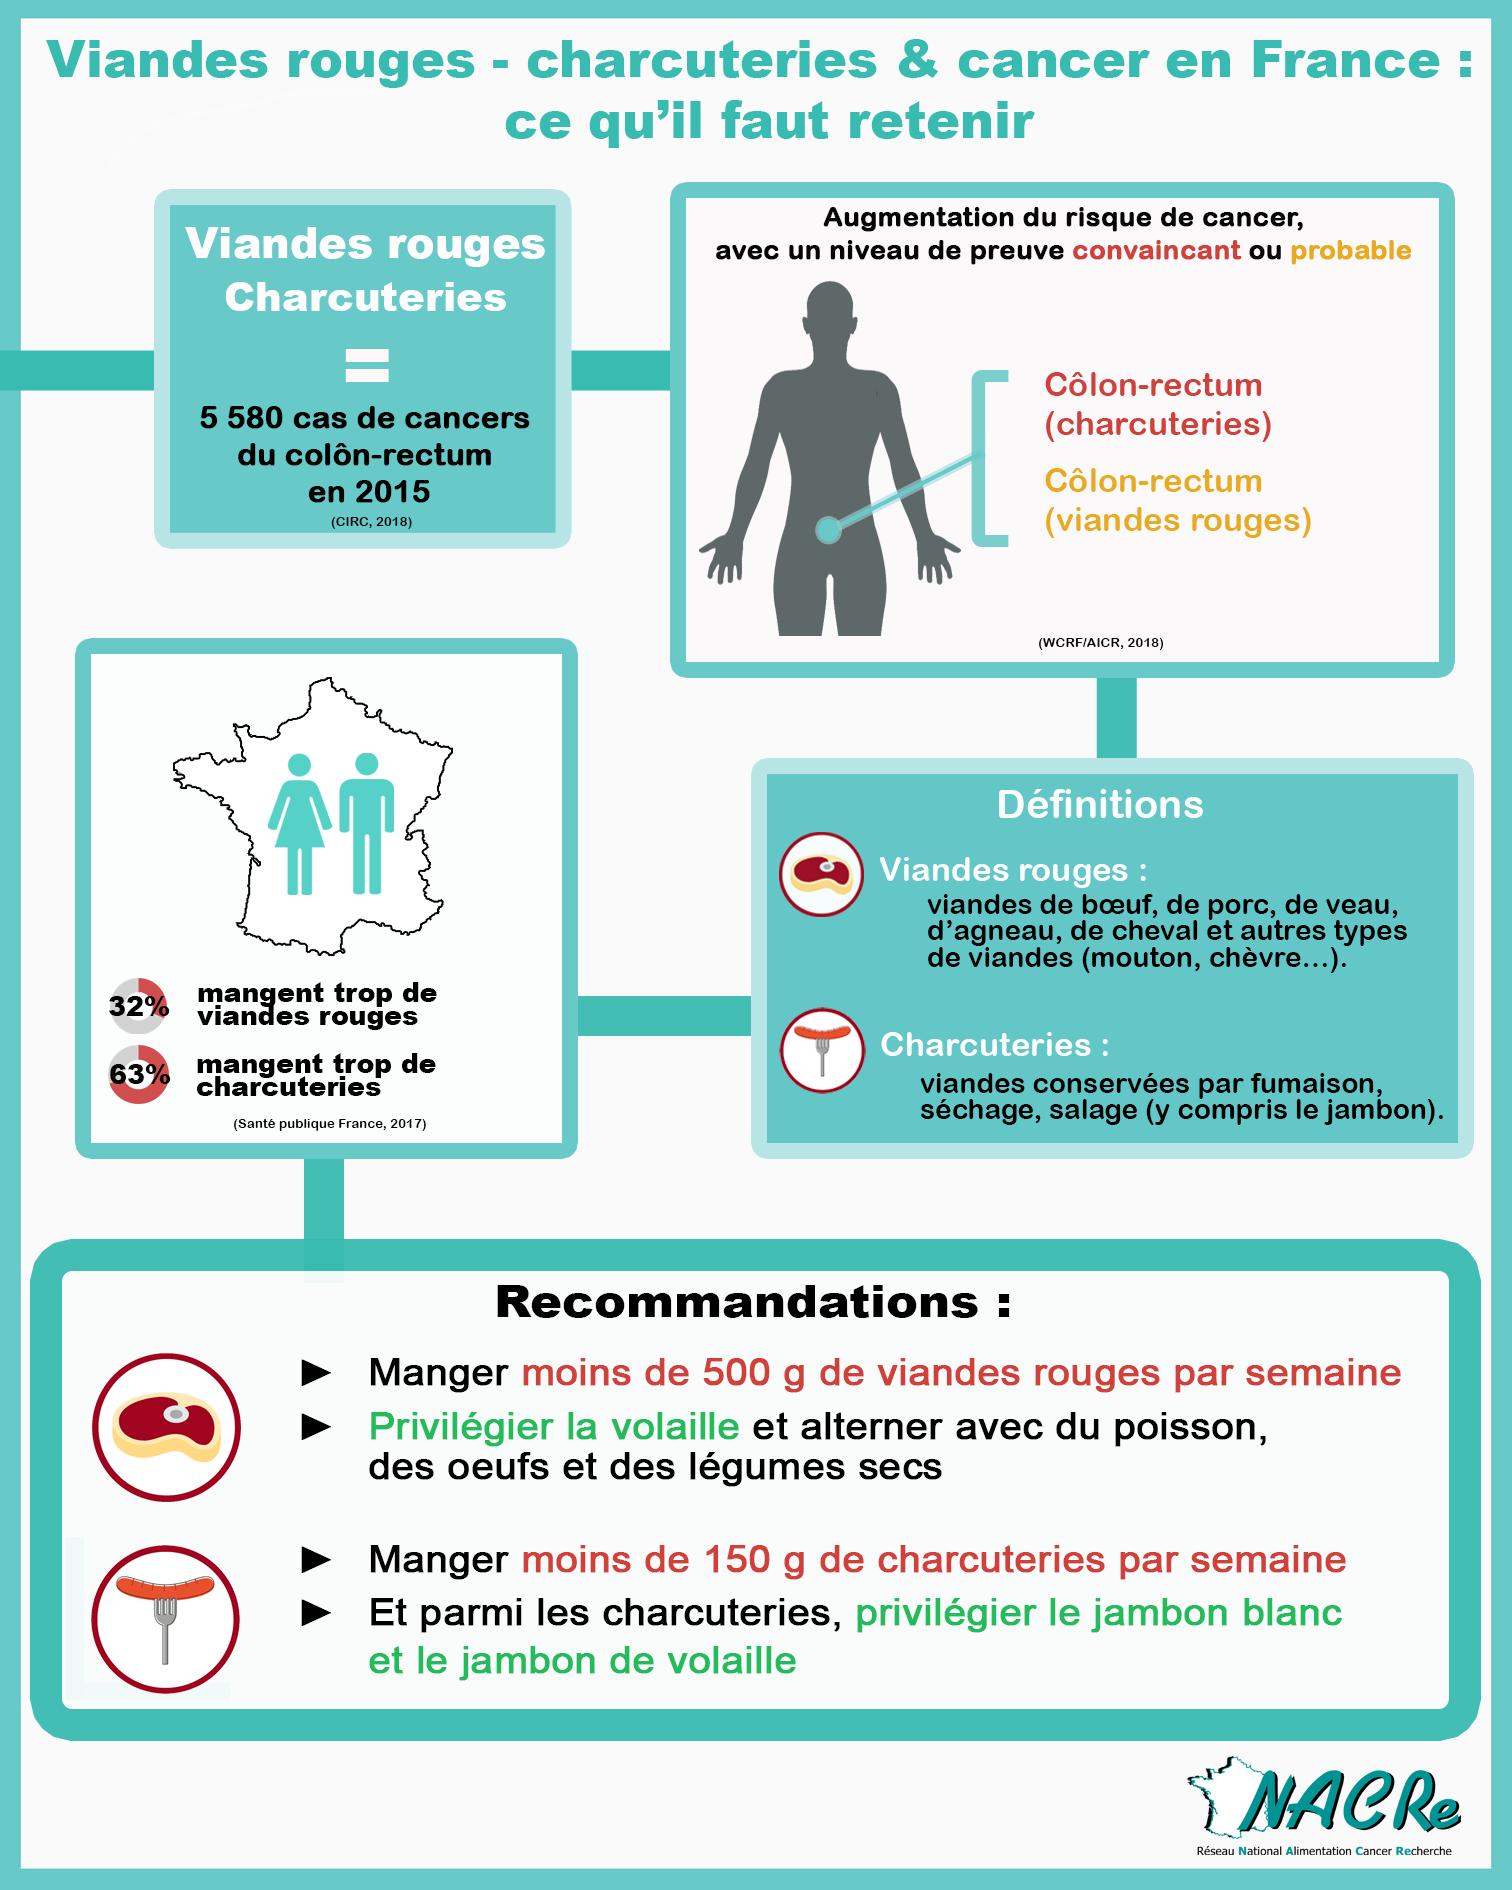 Infographie Viande rouge et charcuteries et risque de cancer France 2020